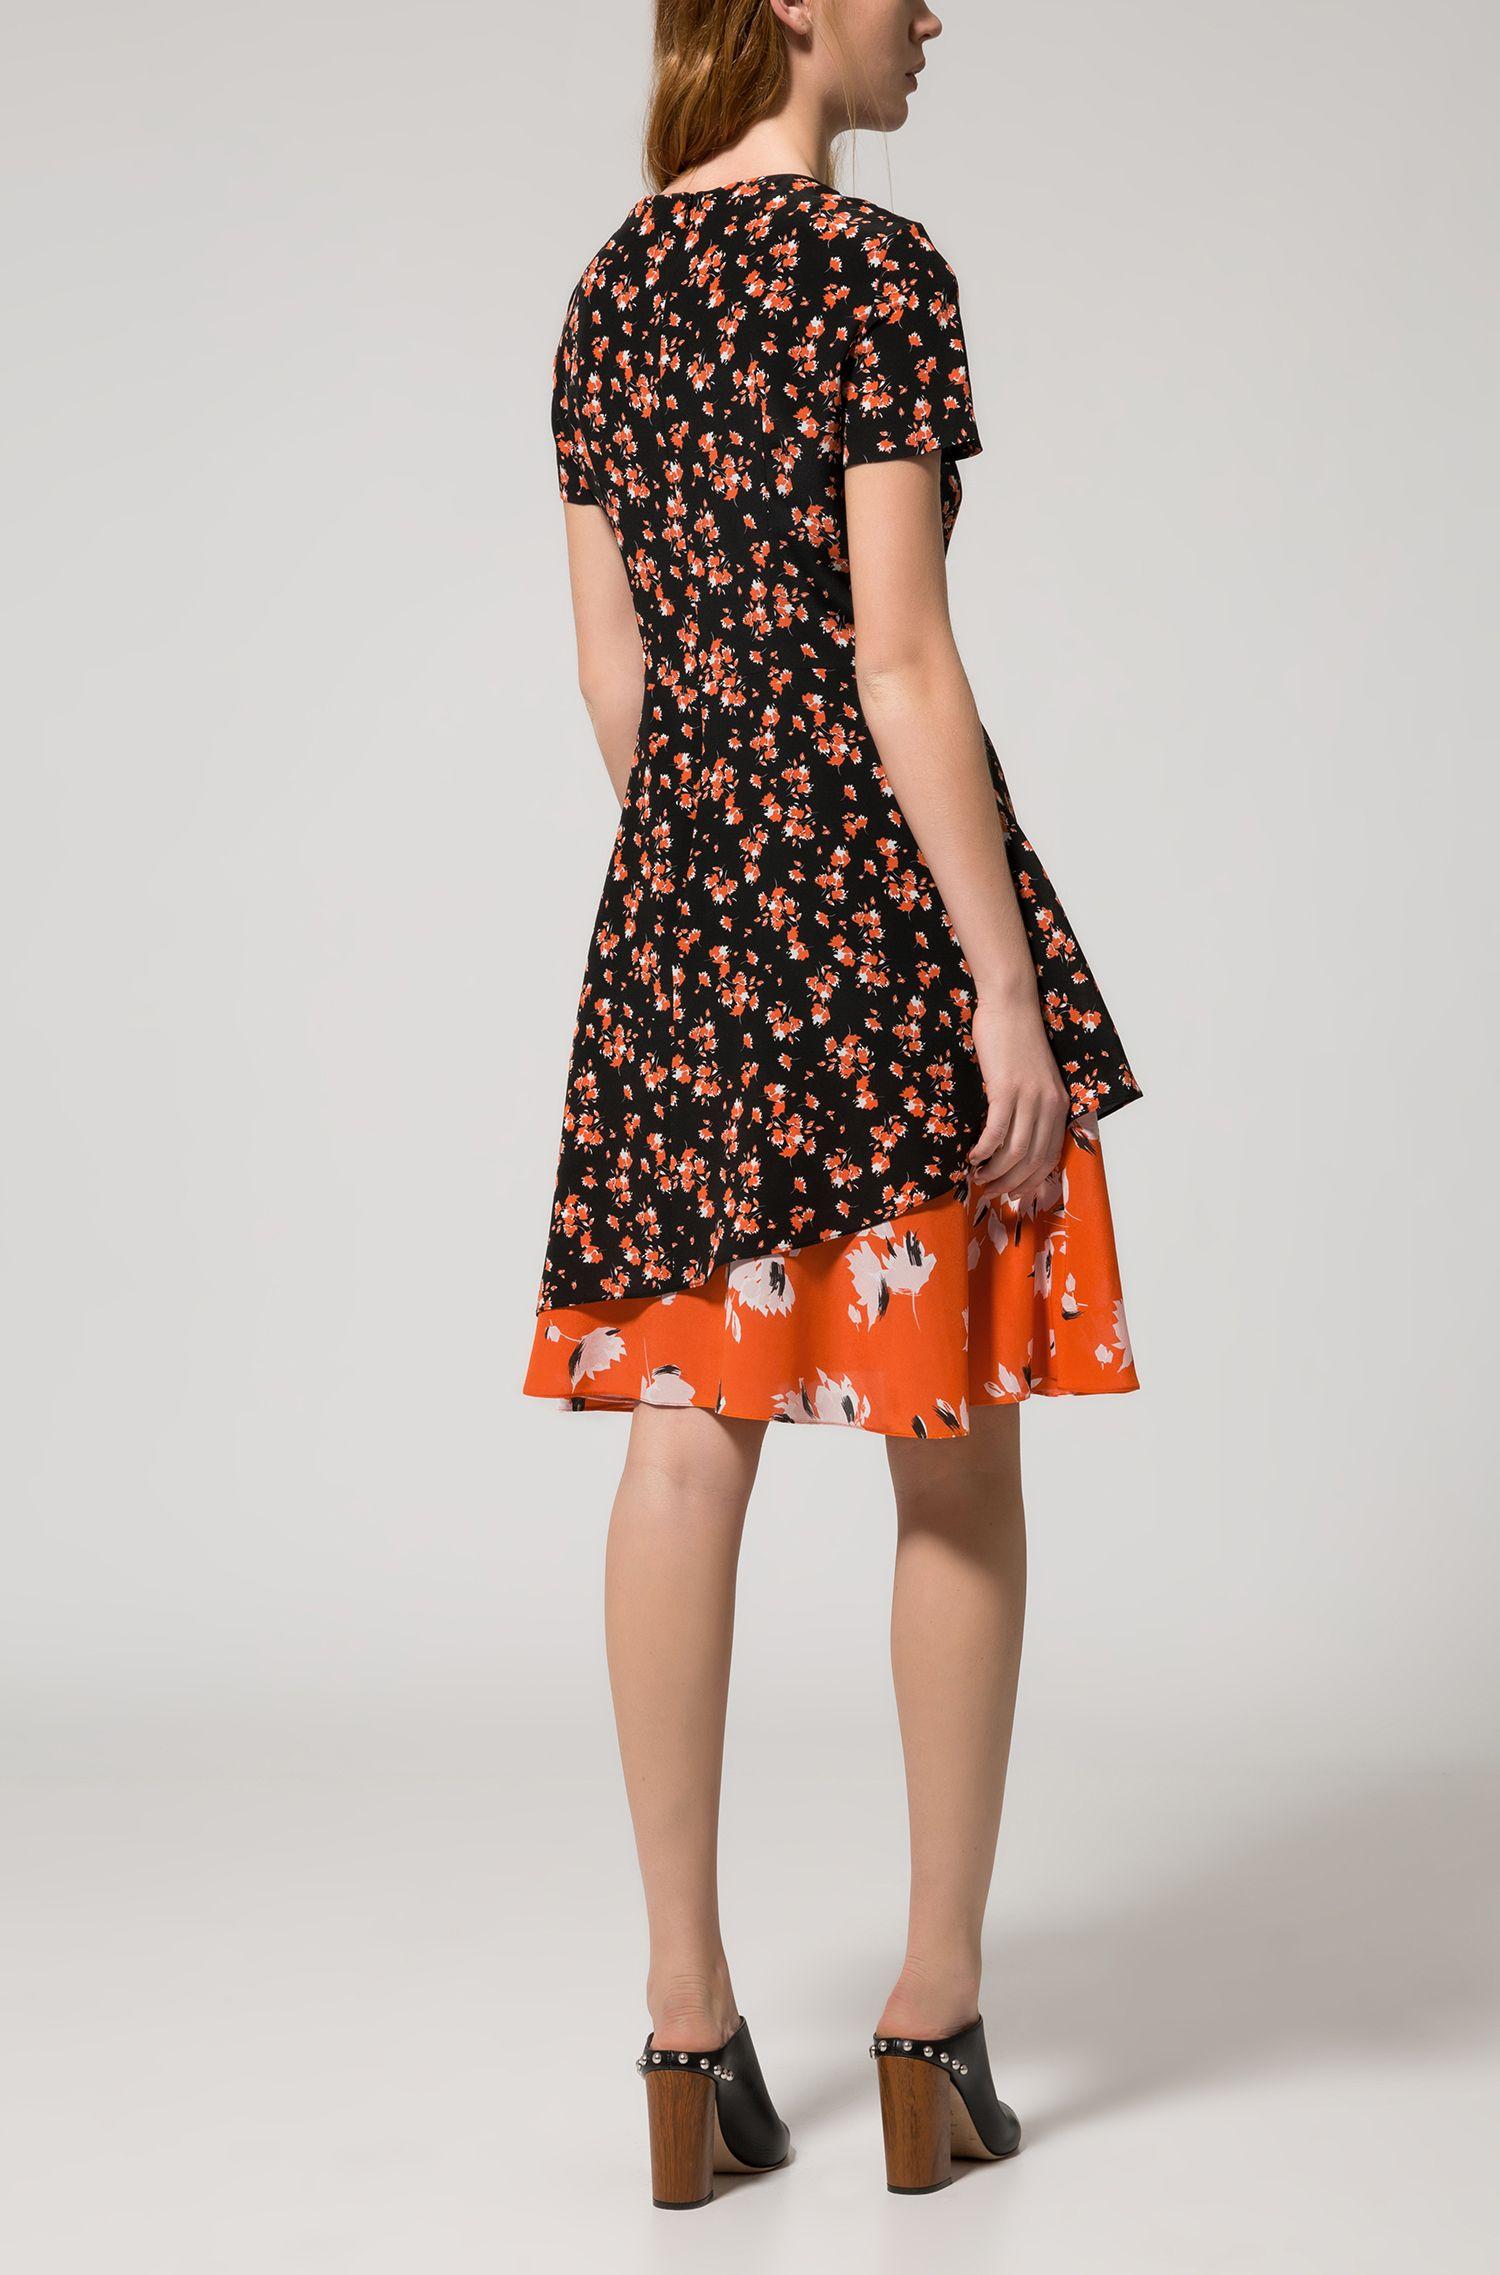 Vestido de seda con manga corta y estampados de flores en parches